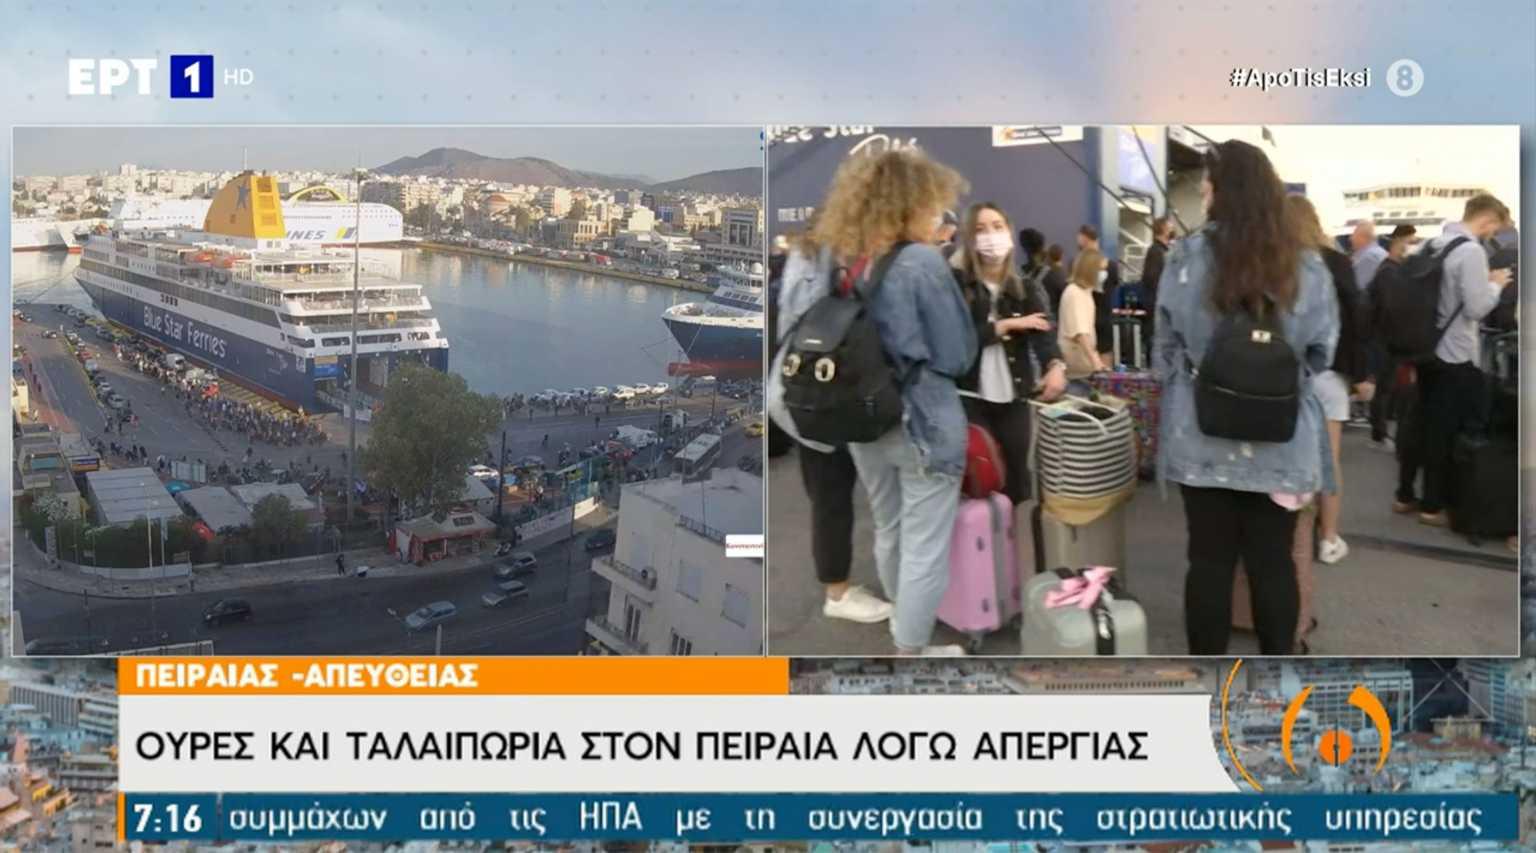 Απεργία στα πλοία: Ουρές και ταλαιπωρία στον Πειραιά – Συγκέντρωση της ΠΕΝΕΝ